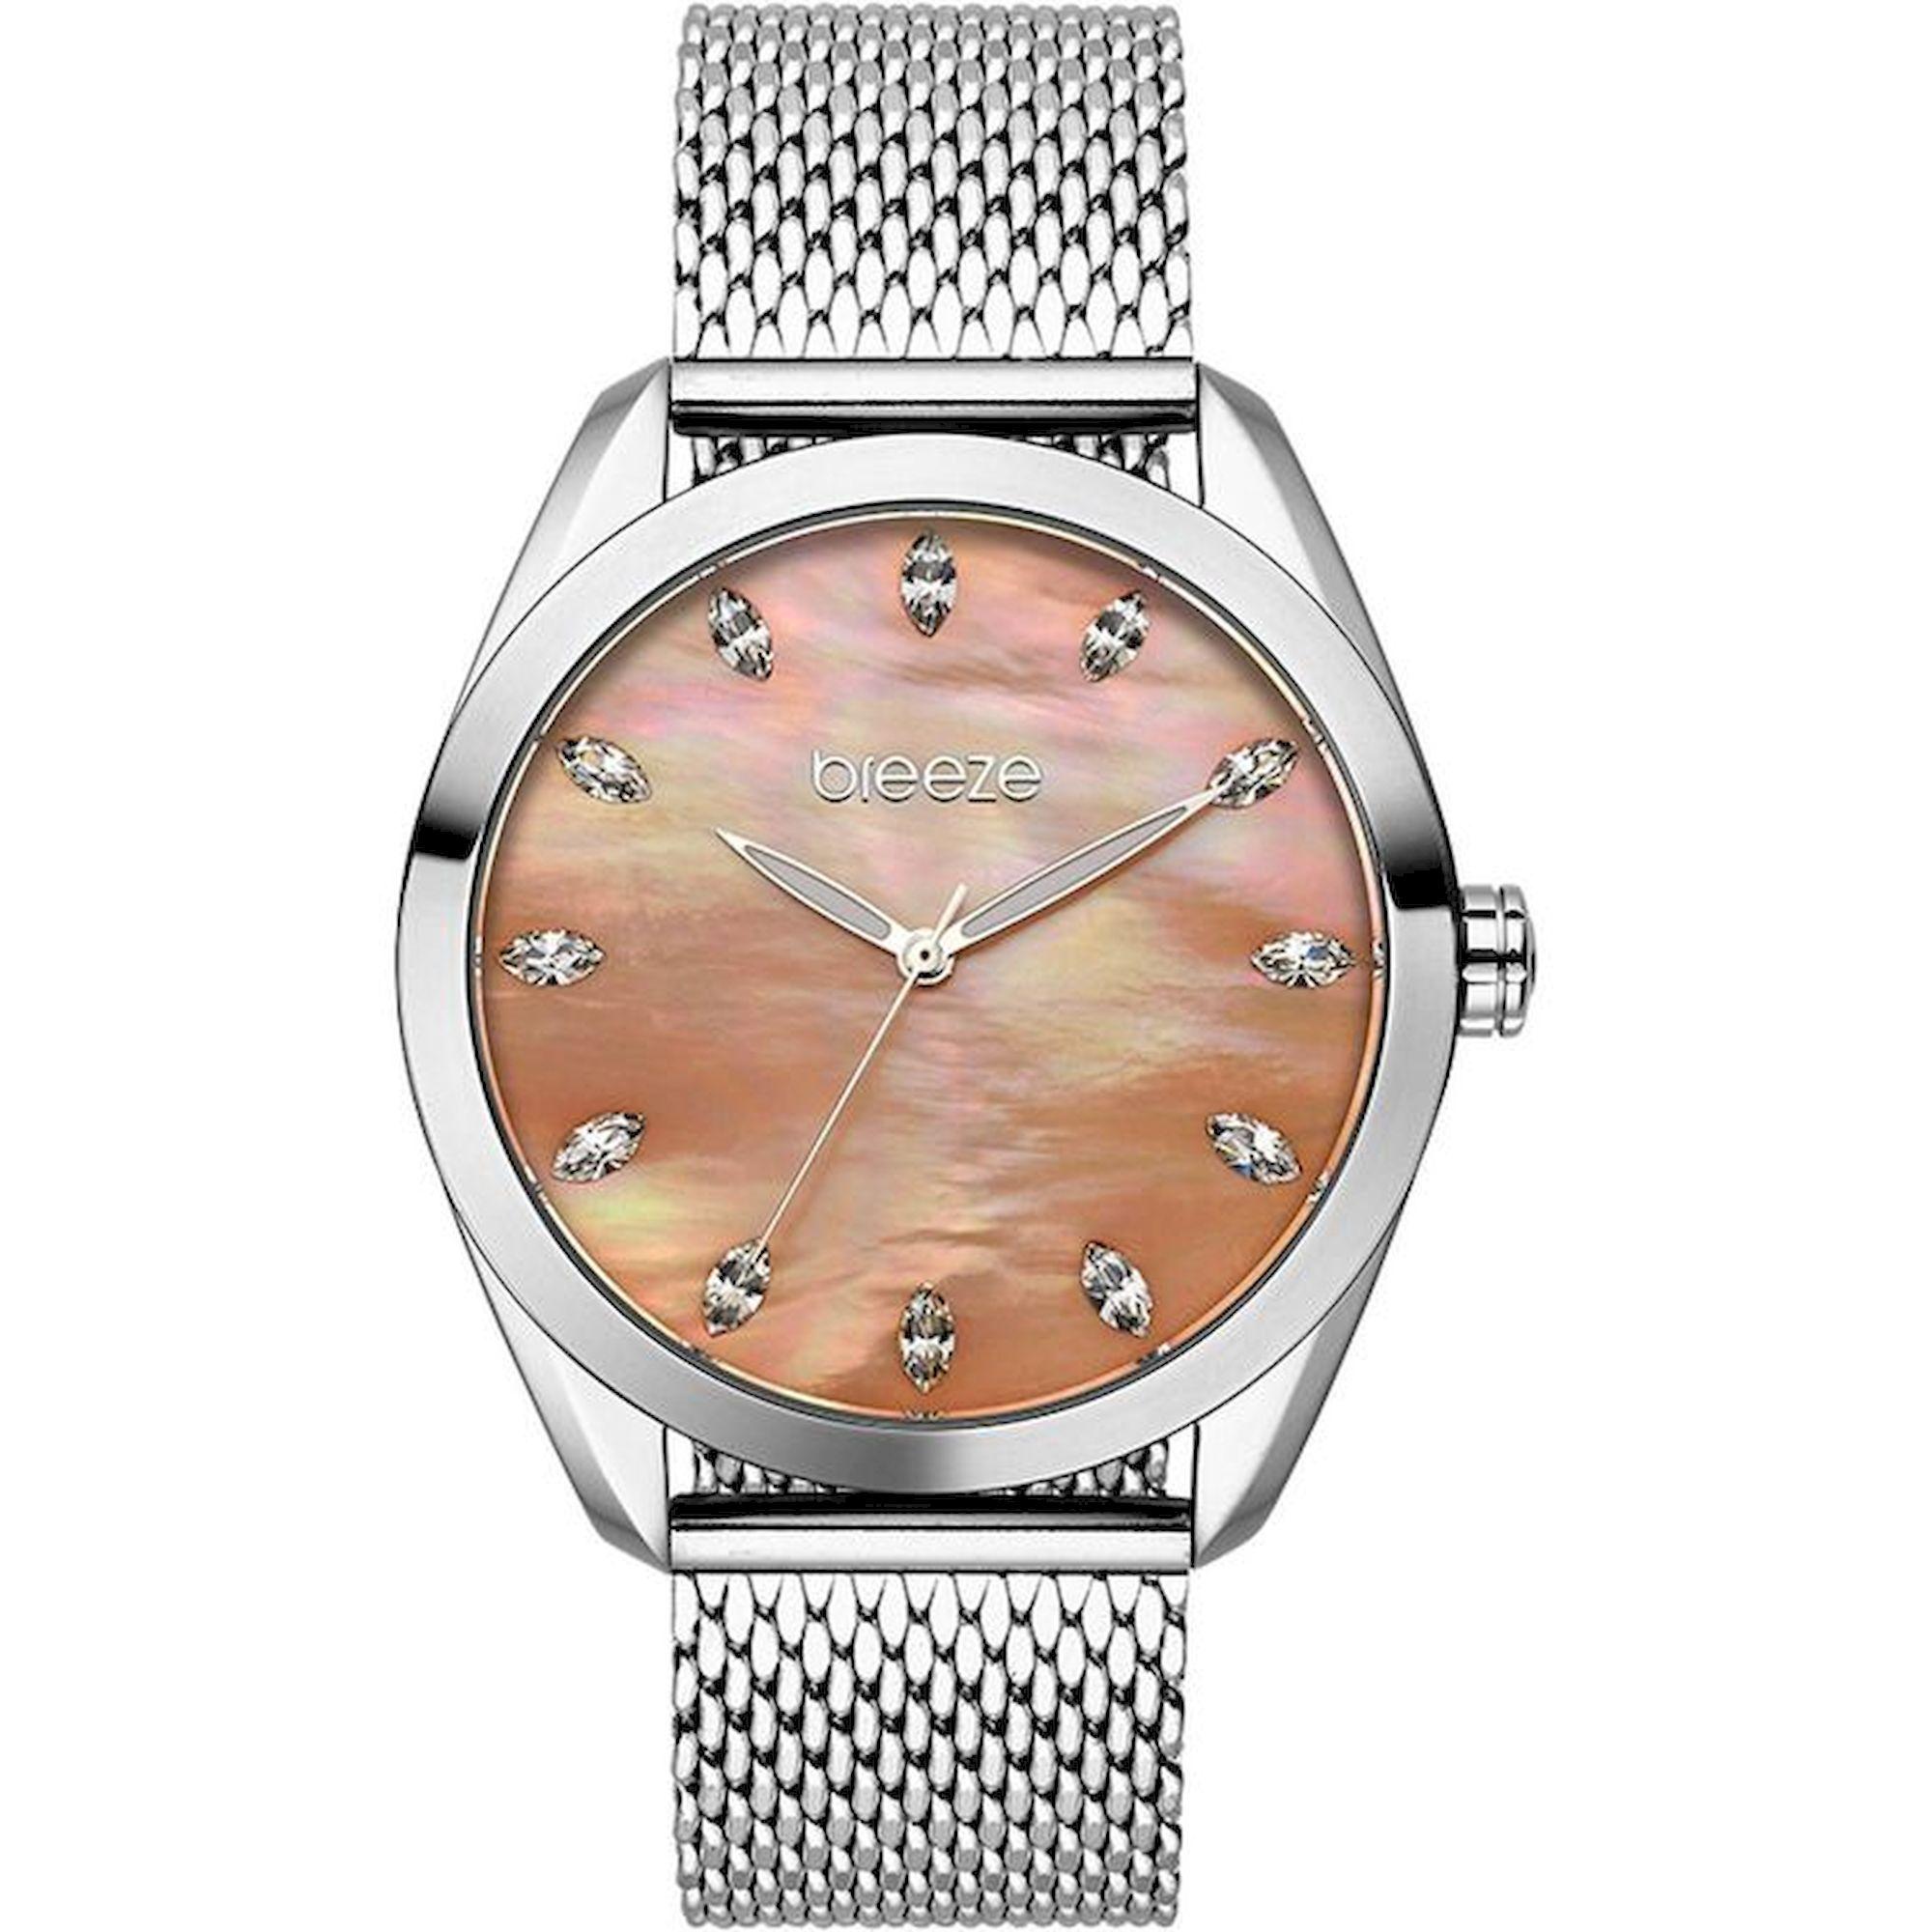 breeze, ρολόγια Breeze, γυναικεία ρολόγια, Δωρεάν μεταφορικά, Άμεση Διαθεσιμότητα